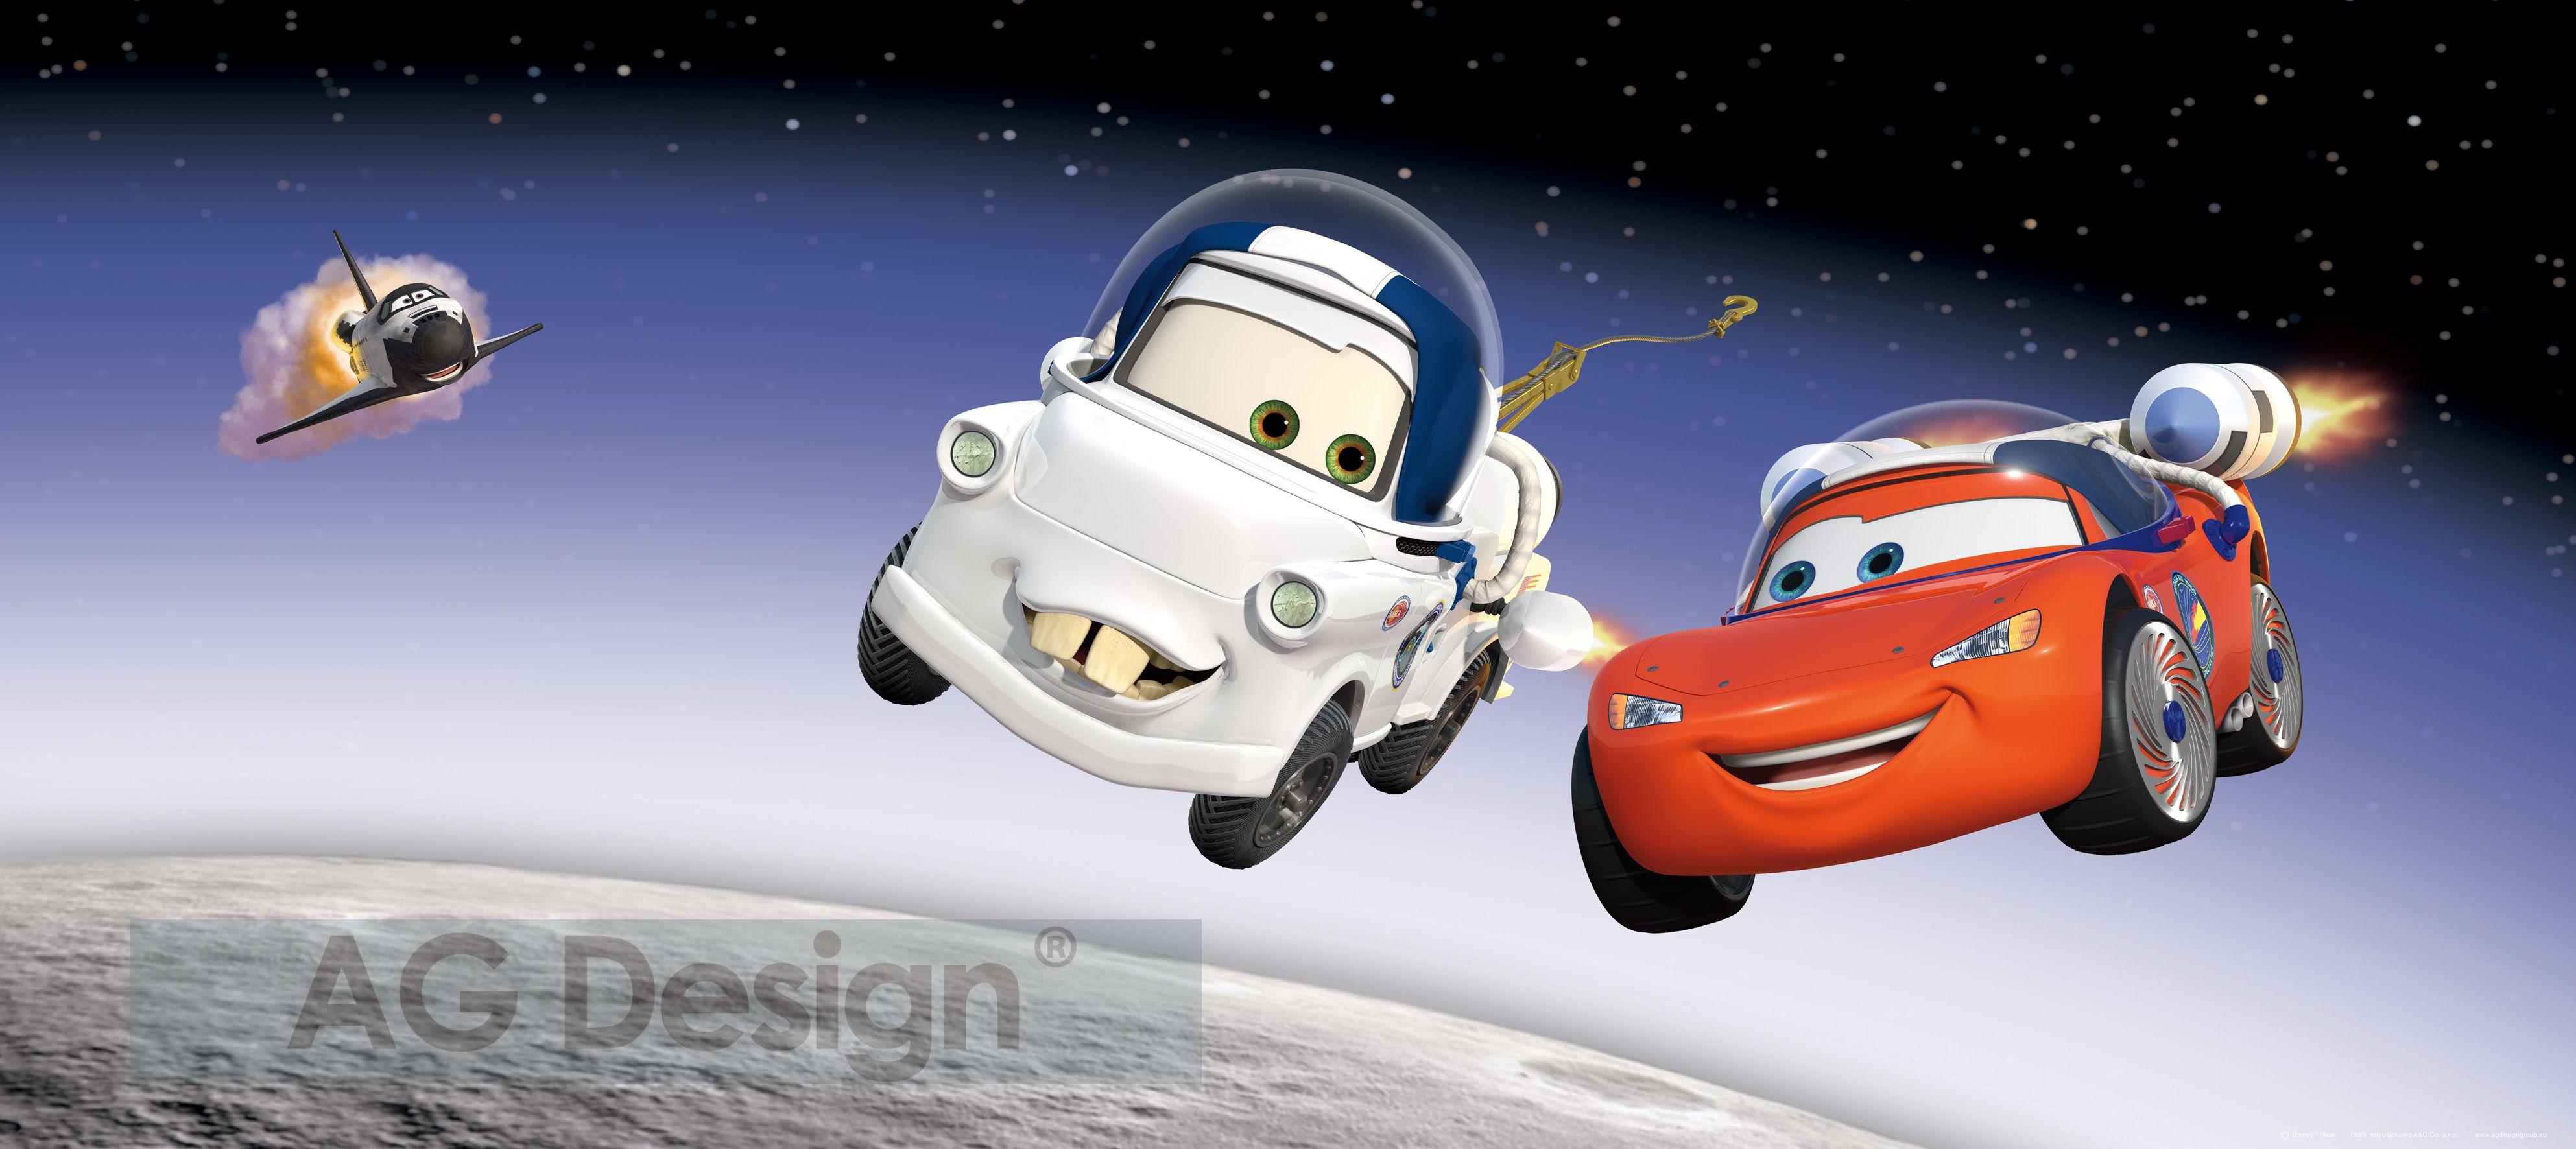 Dětská fototapeta Cars Flying FTDH0604 (1-dílná papírová tapeta)